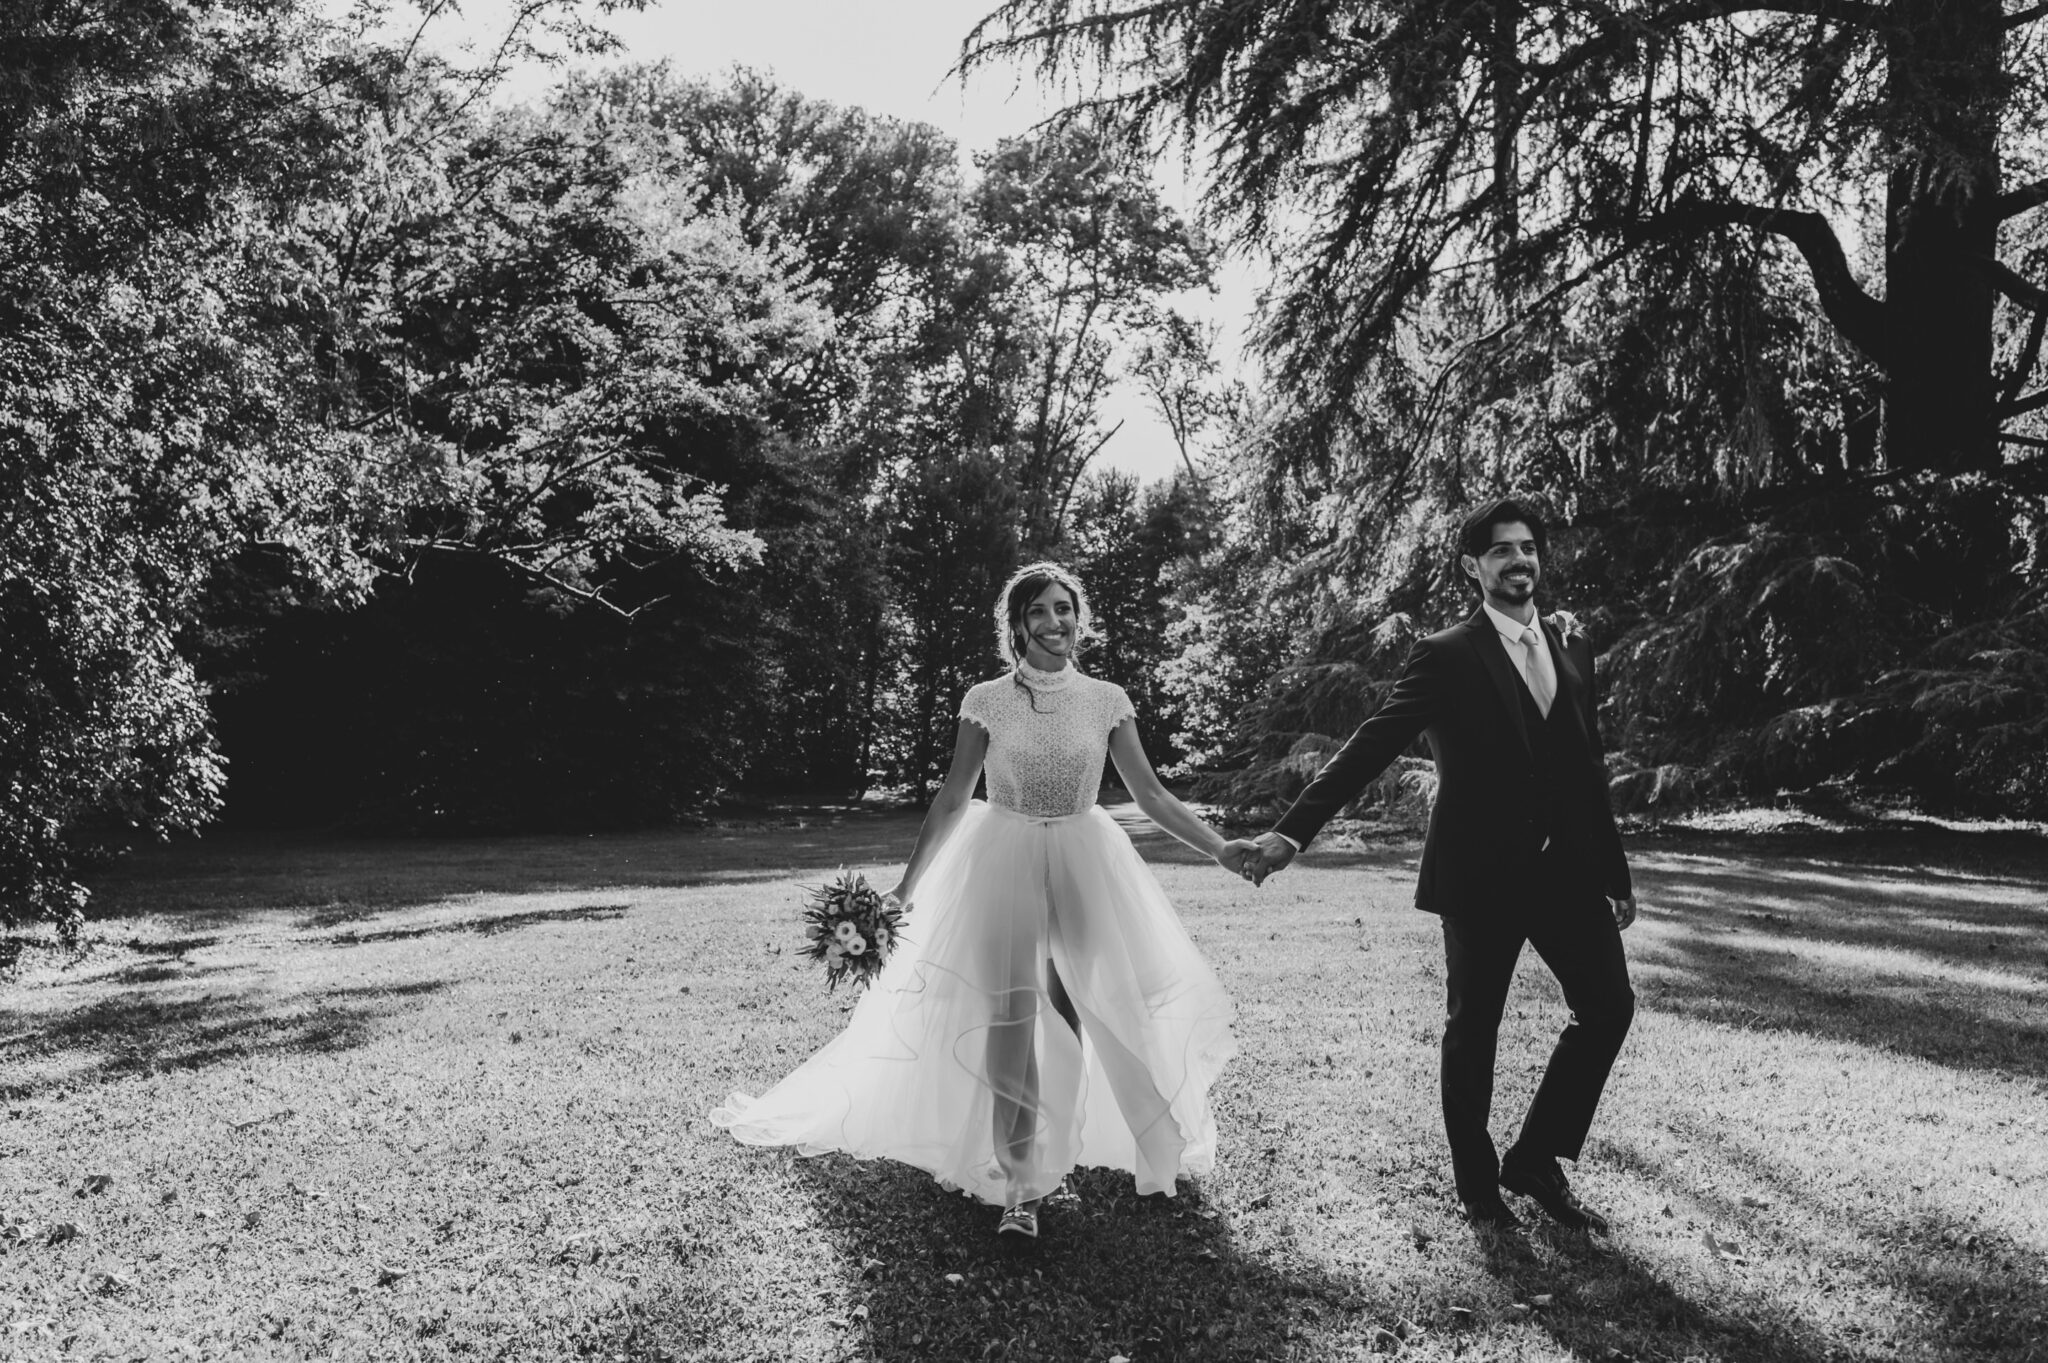 il matrimonio di Caterina e Giacomo nel giardino di Villa Grabau a Lucca